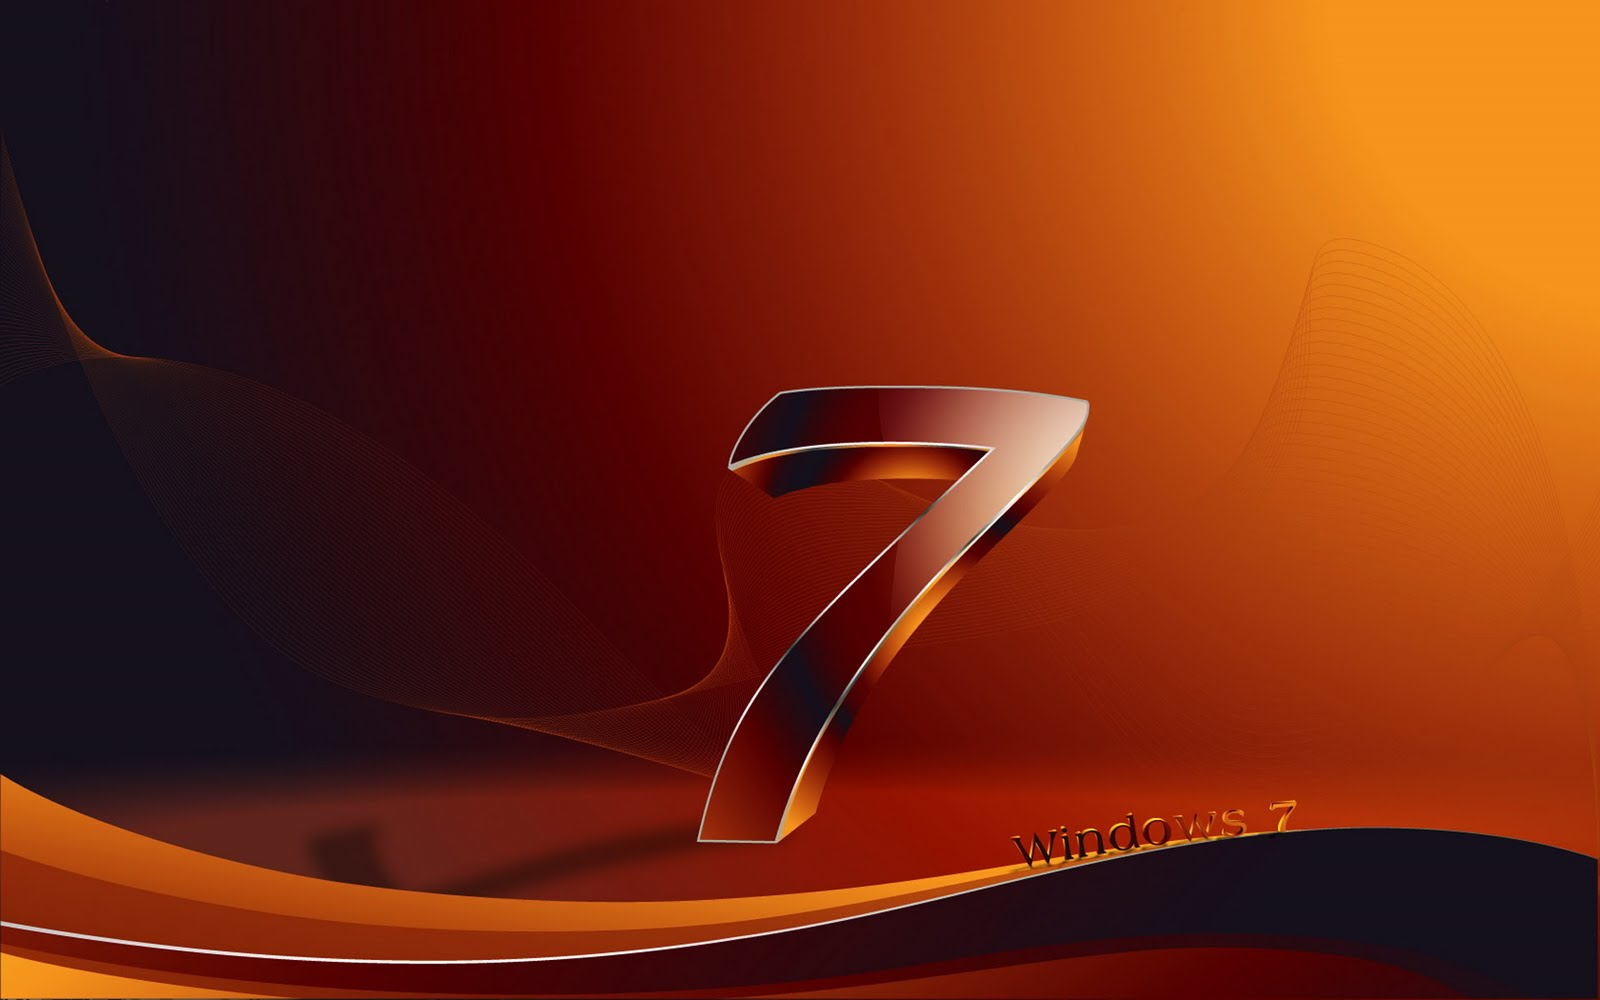 http://3.bp.blogspot.com/-WTsw_Hf7T-0/ThF9C_zrkPI/AAAAAAAABgE/-w-w6MZETA0/s1600/Windows+7+logo+_58_.jpg